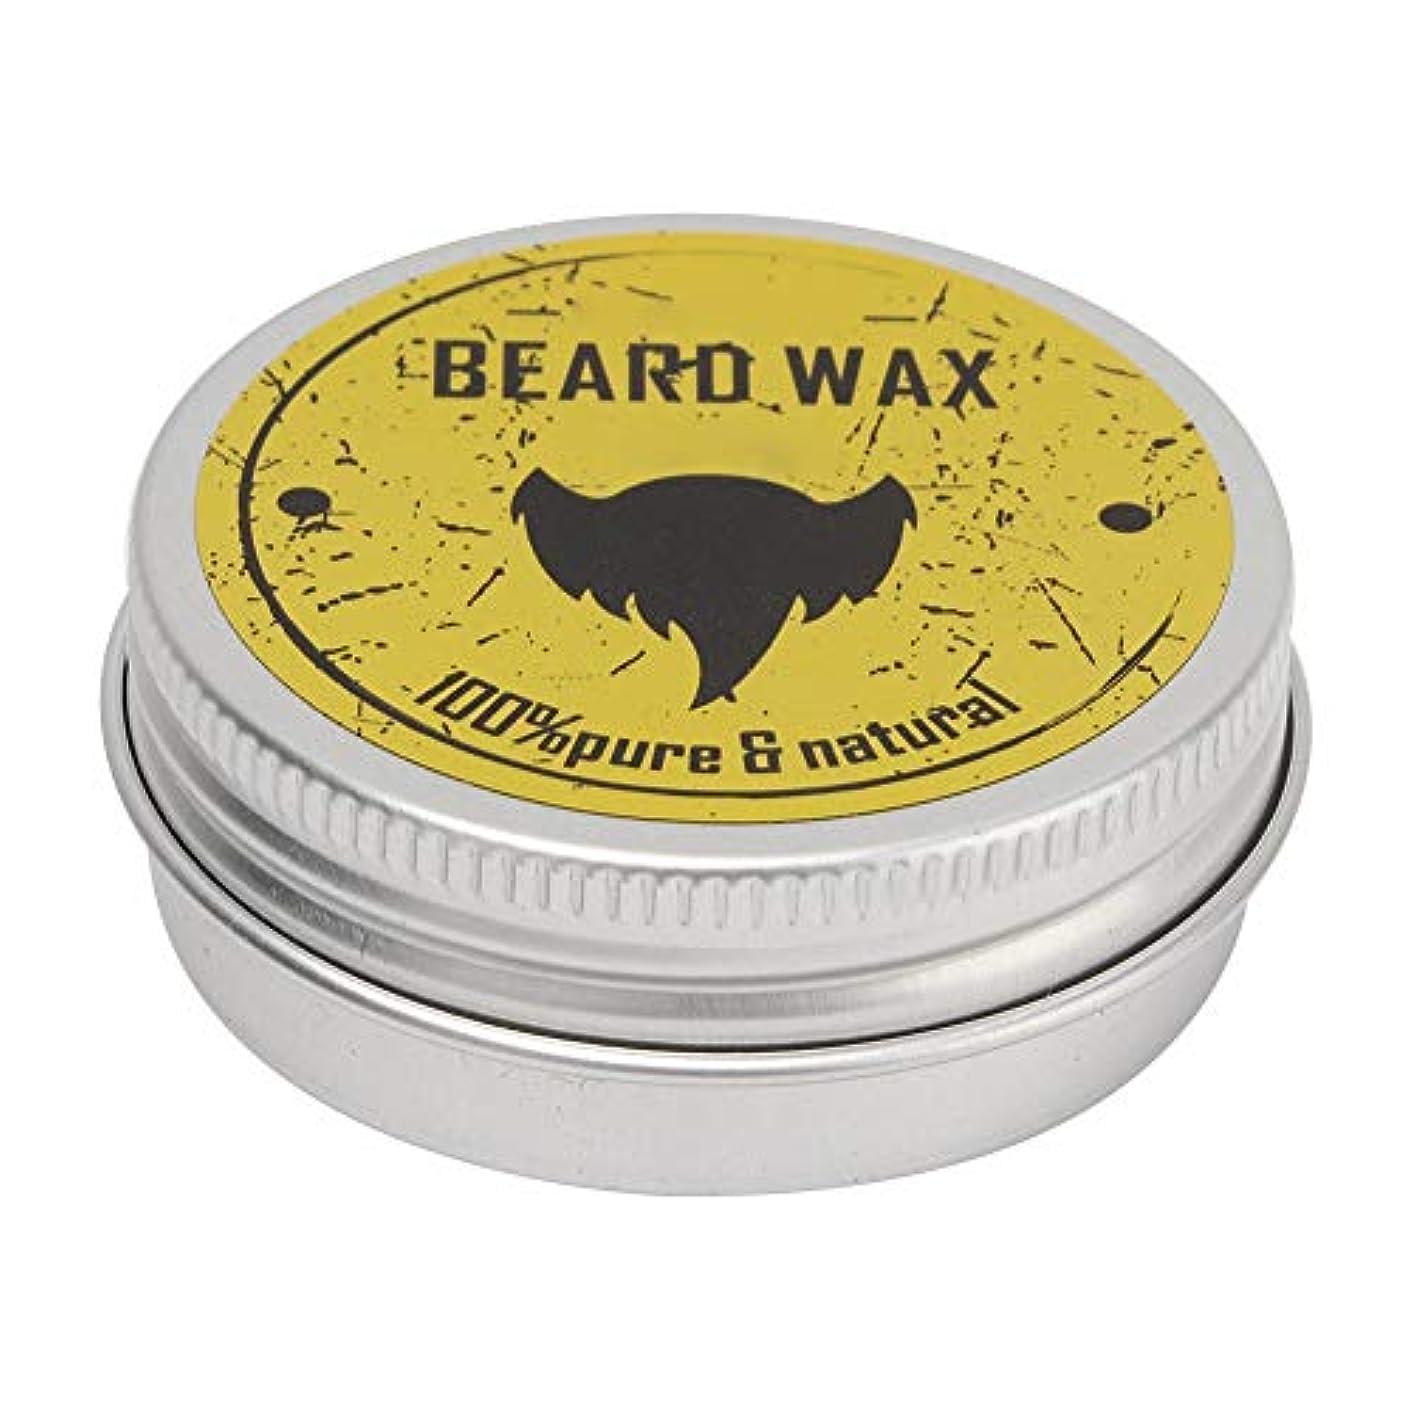 早熟引くオートひげの心配の香油、30mlひげの心配の人のひげの手入れをすることの男性の口ひげの心配のための保湿ワックスを手入れをすること